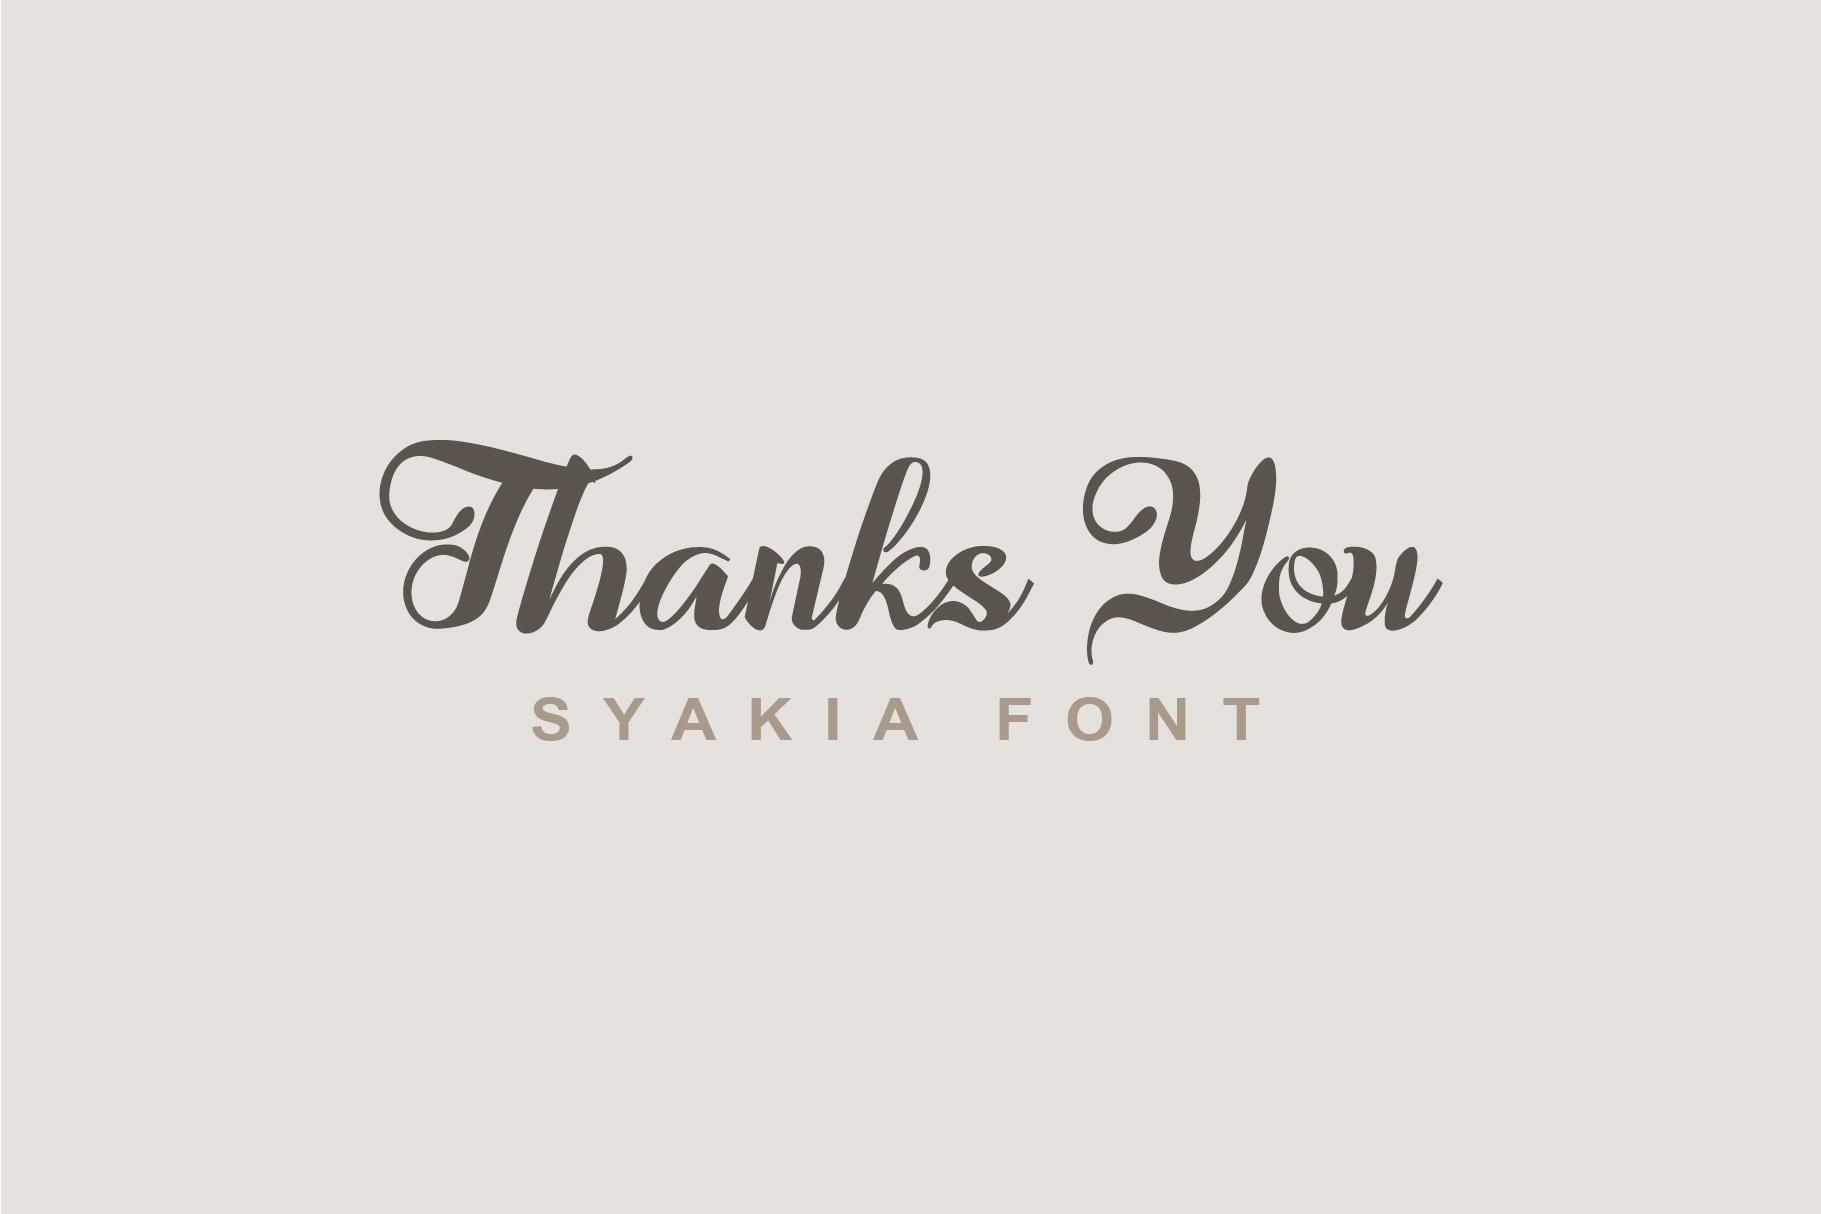 Syakia | New Calligraphy Font example image 7